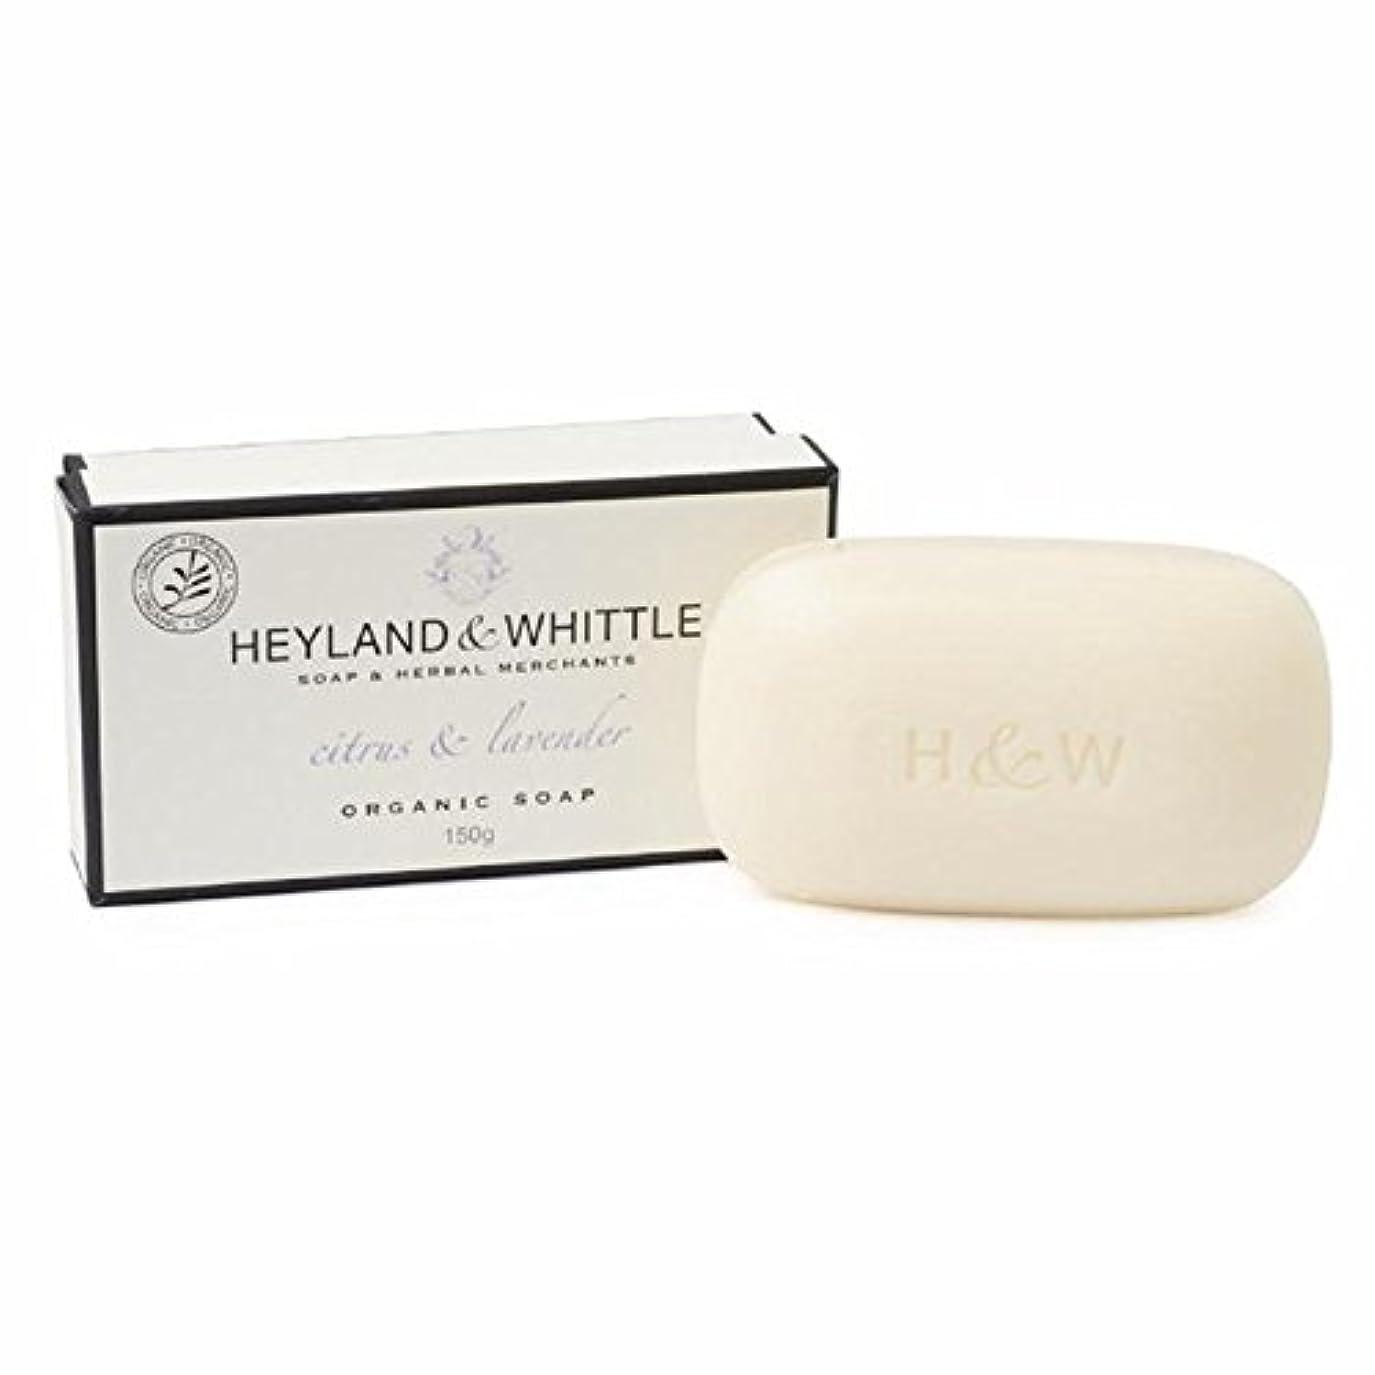 スクラップロンドン無しHeyland & Whittle Citrus & Lavender Boxed Organic Soap 150g (Pack of 6) - &削るシトラス&ラベンダーは、有機石鹸150グラム箱入り x6 [並行輸入品]